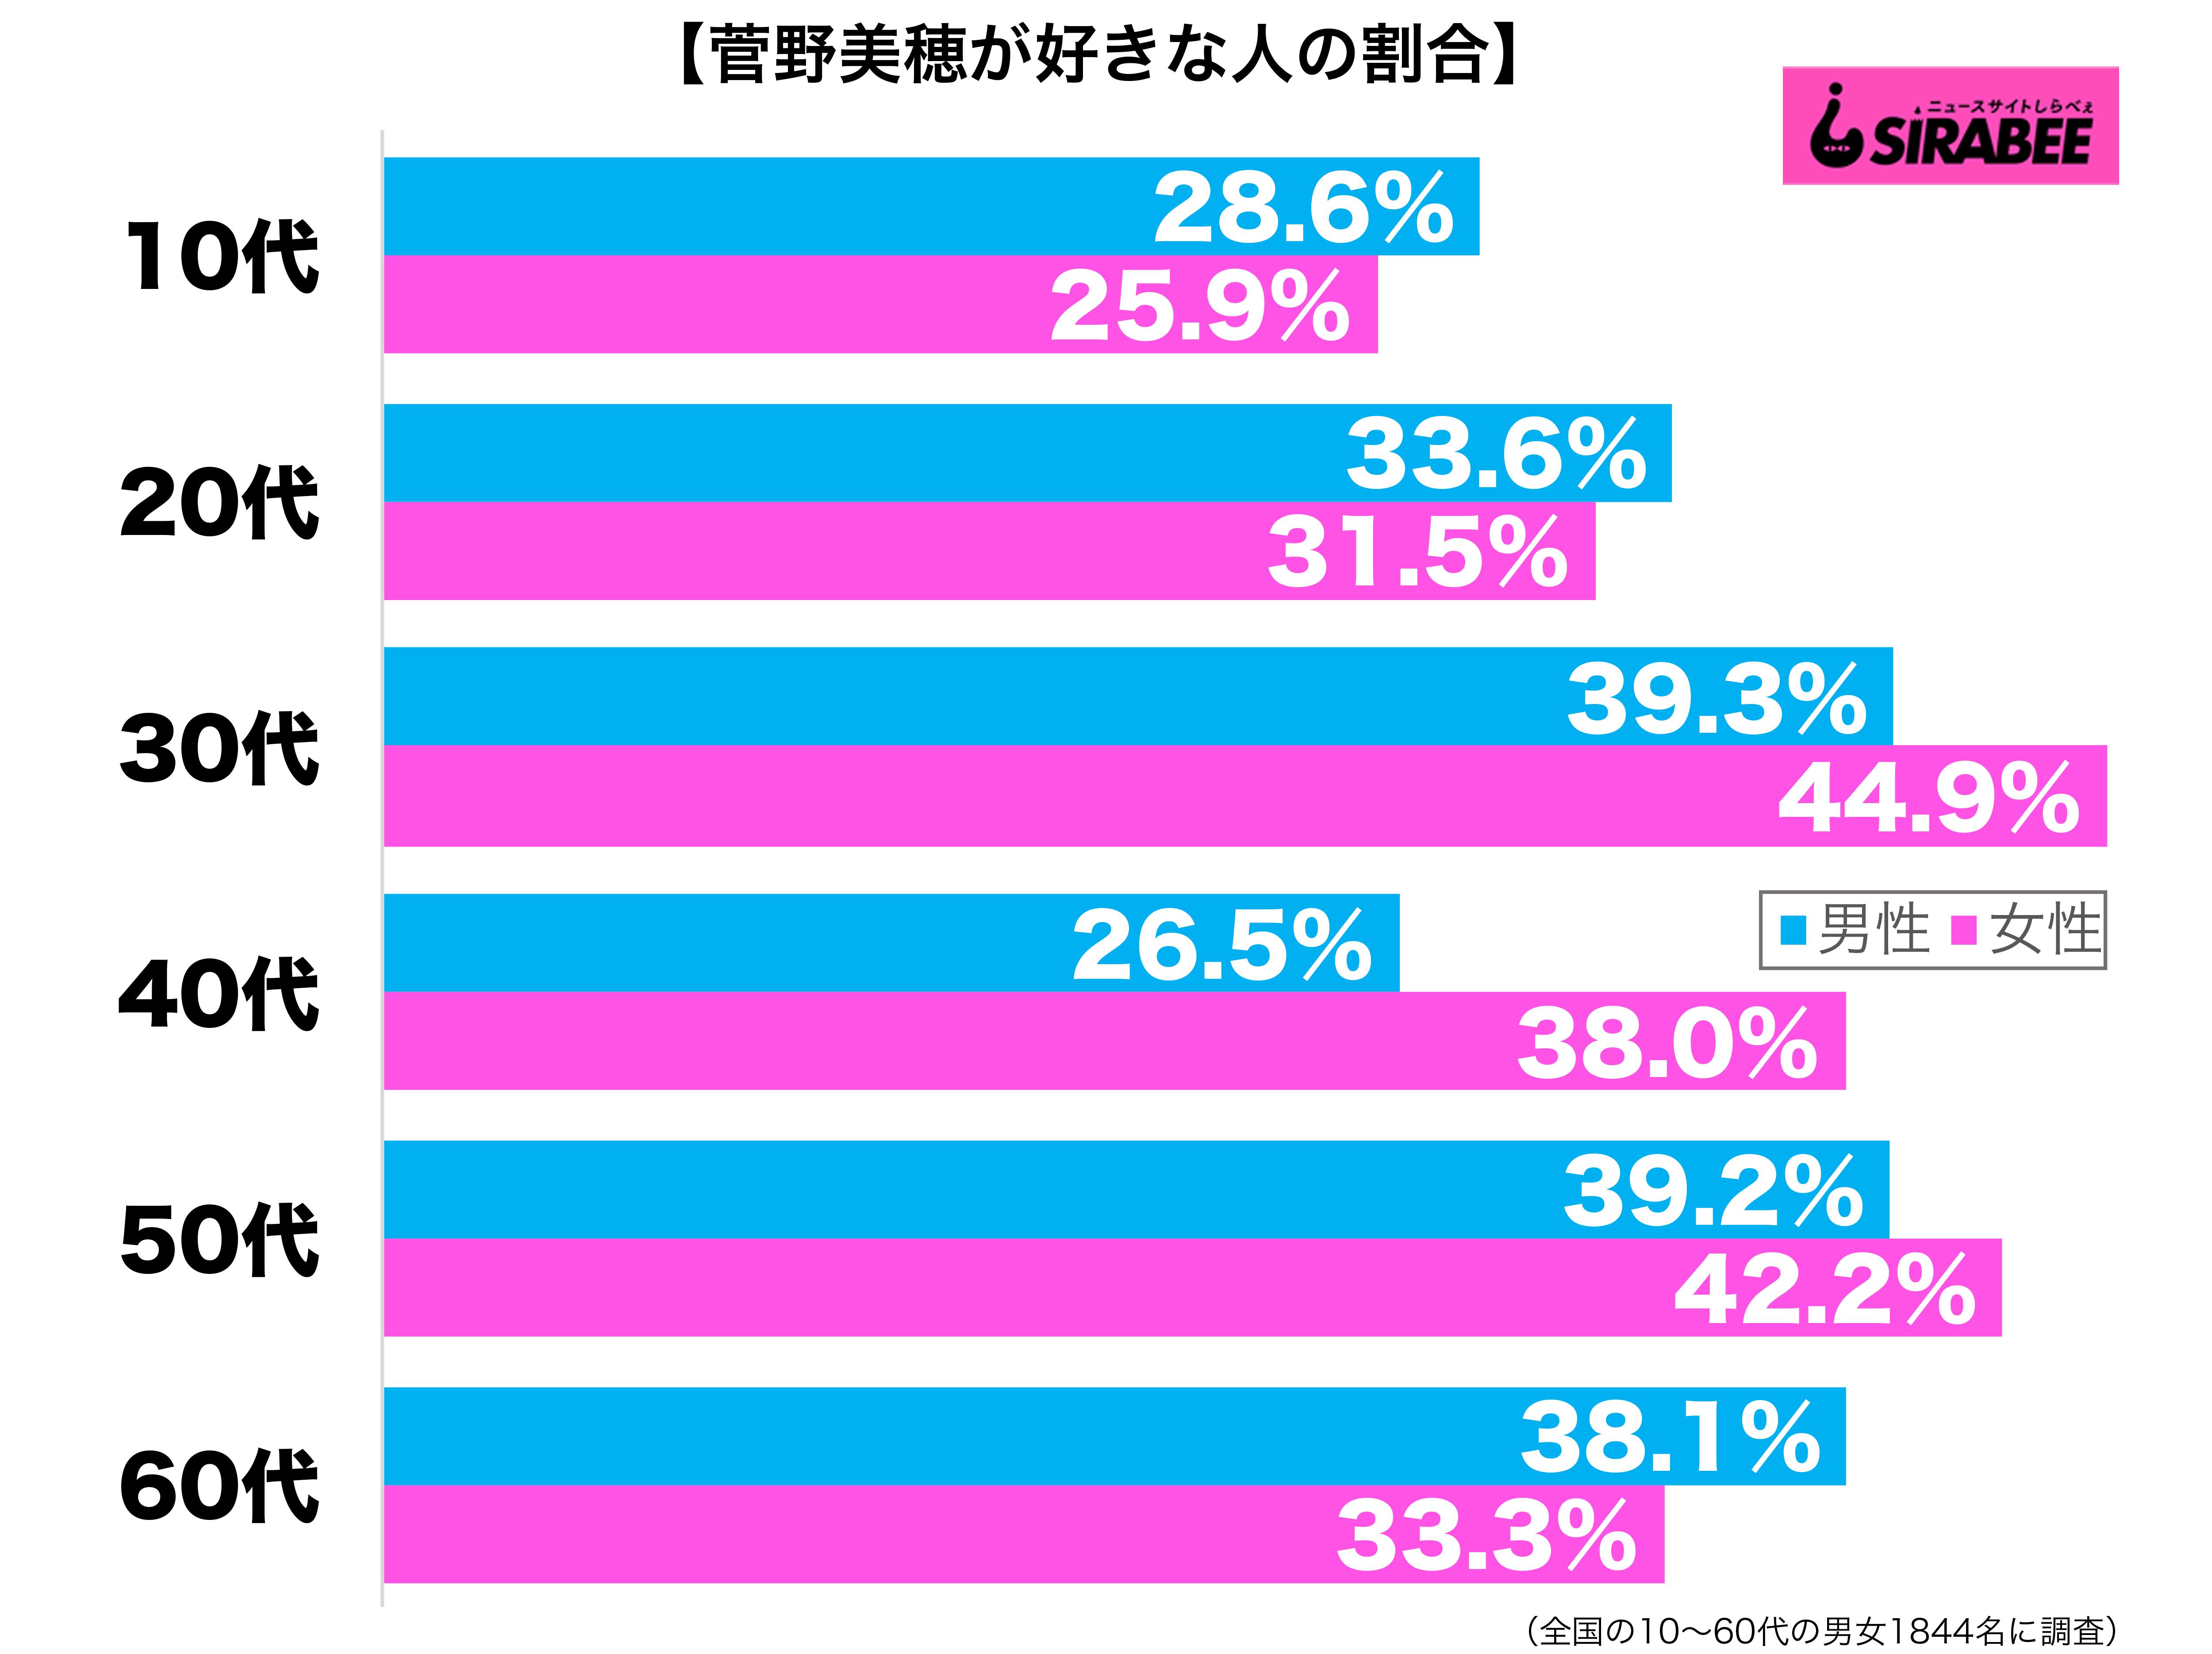 菅野美穂が好き性年代別グラフ